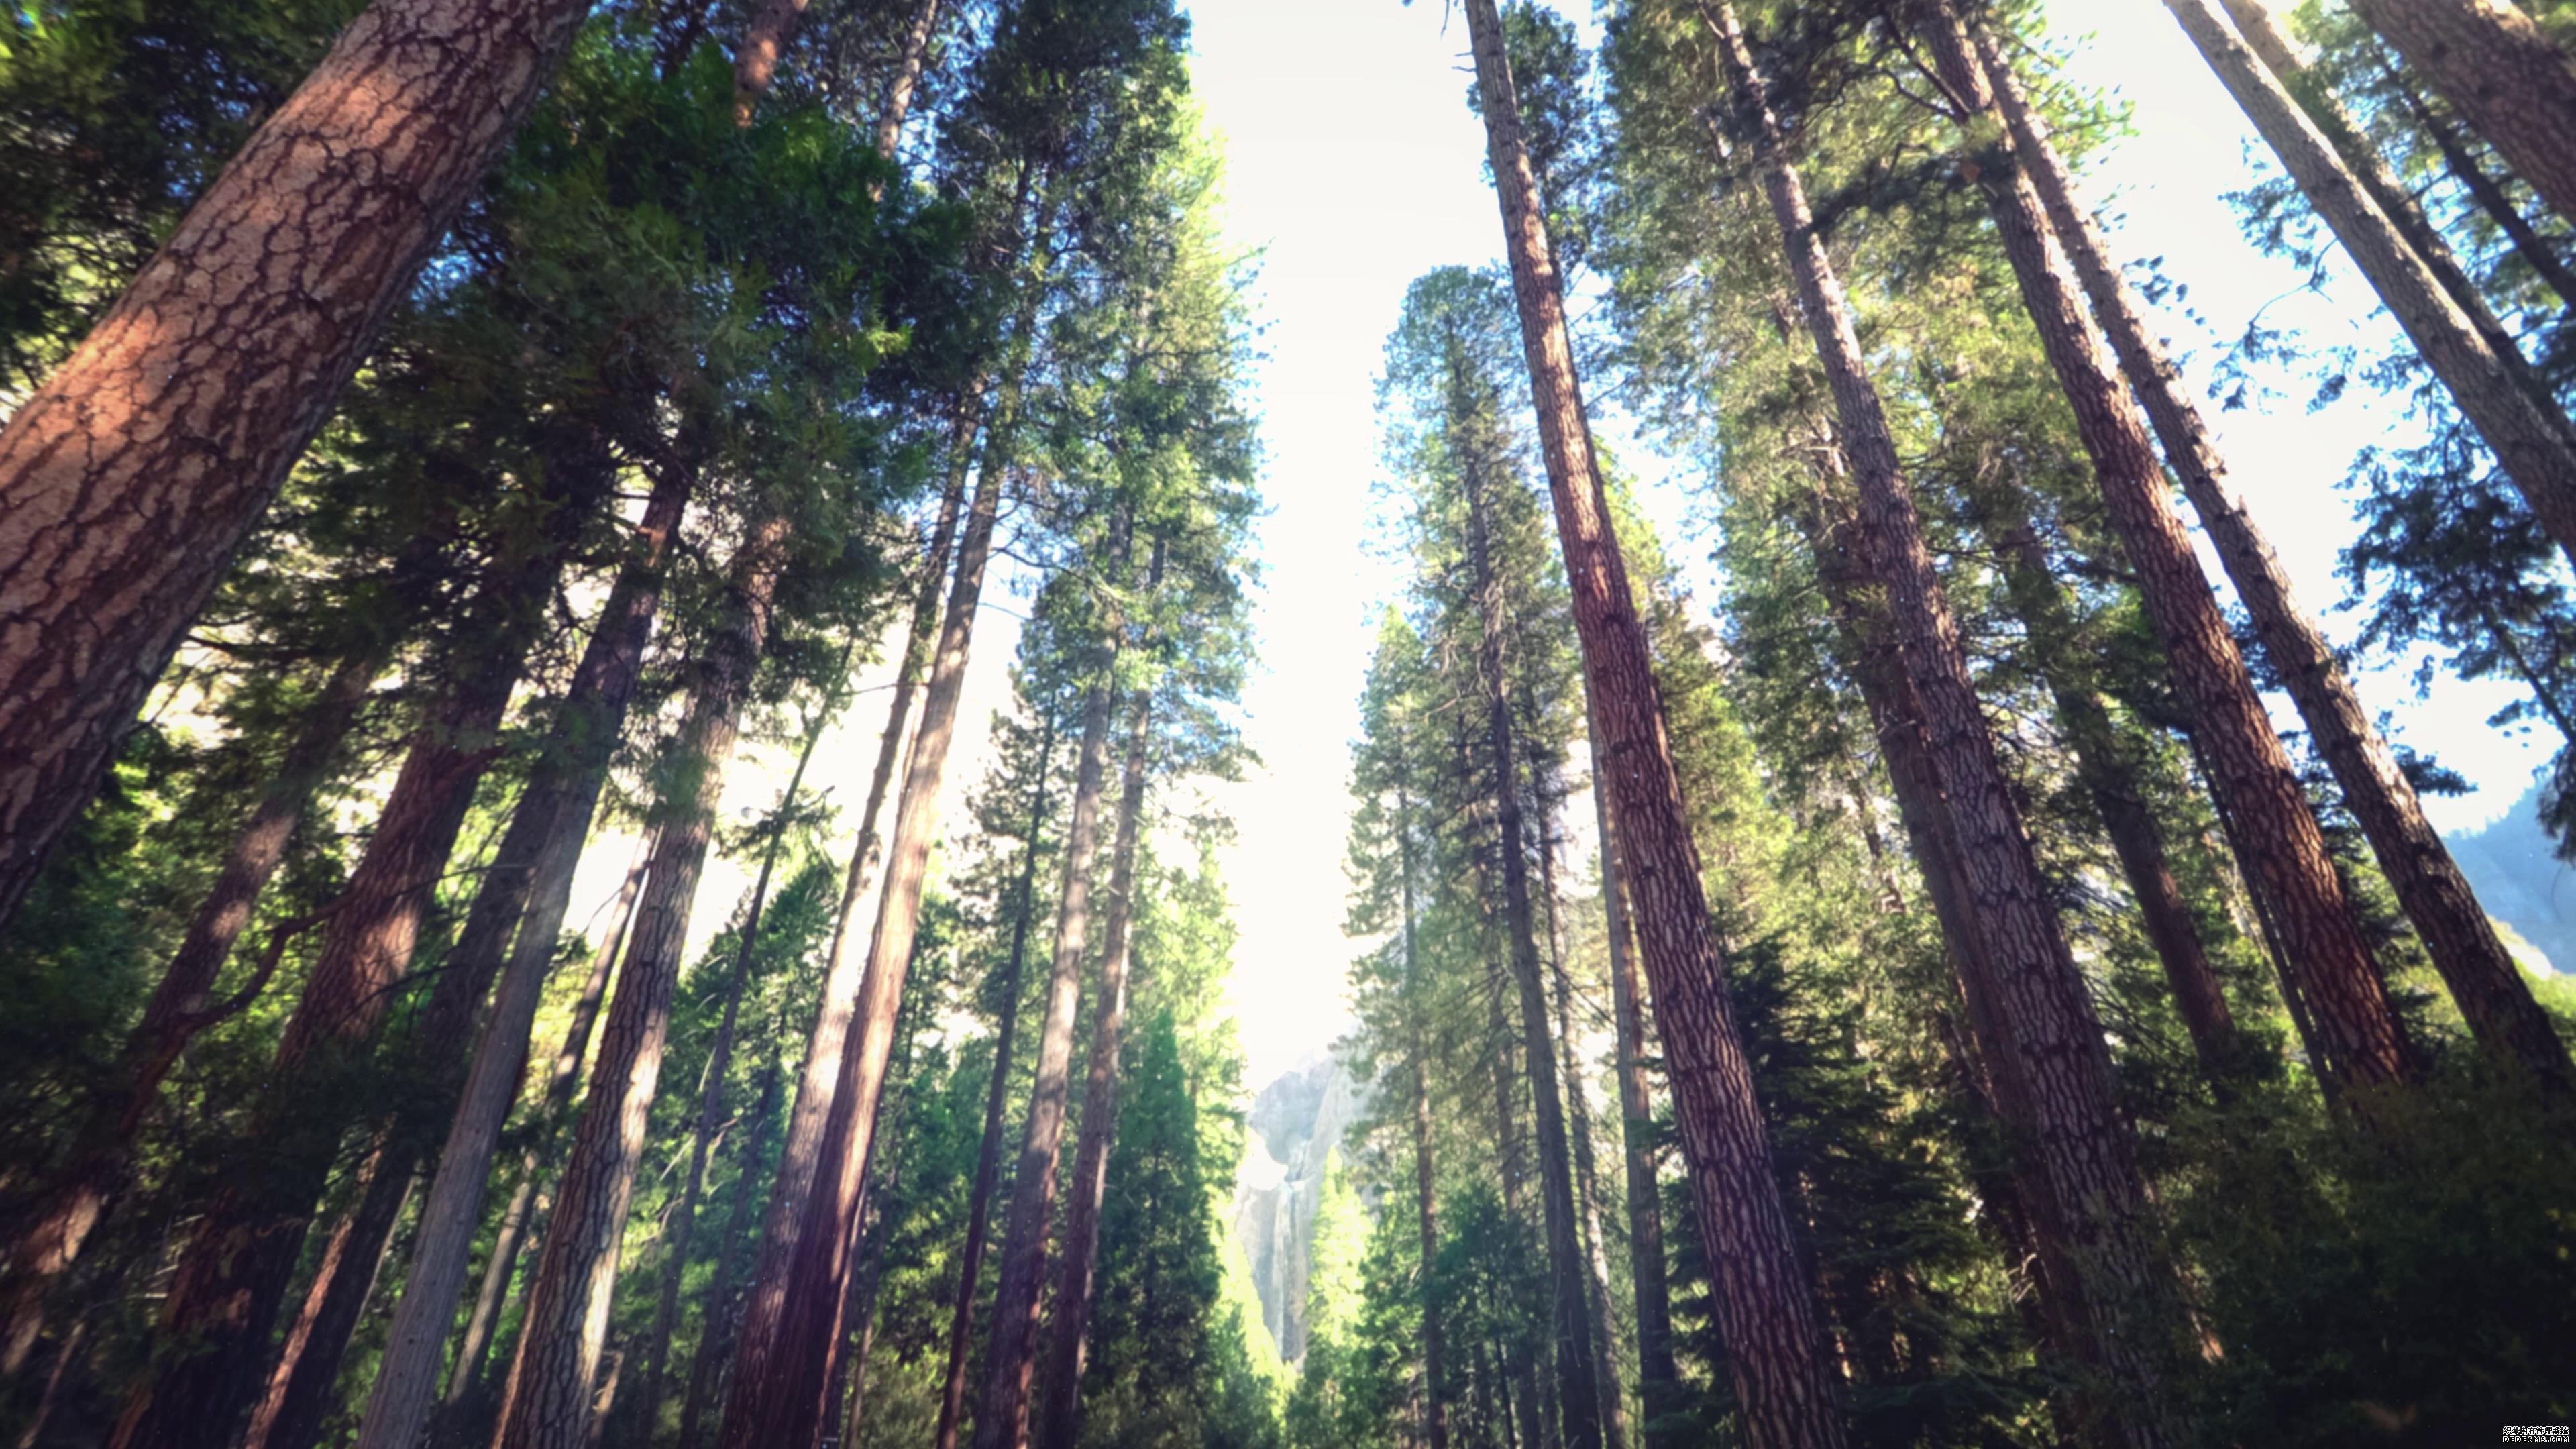 高大树木灌木林高清仰拍落日视频素材